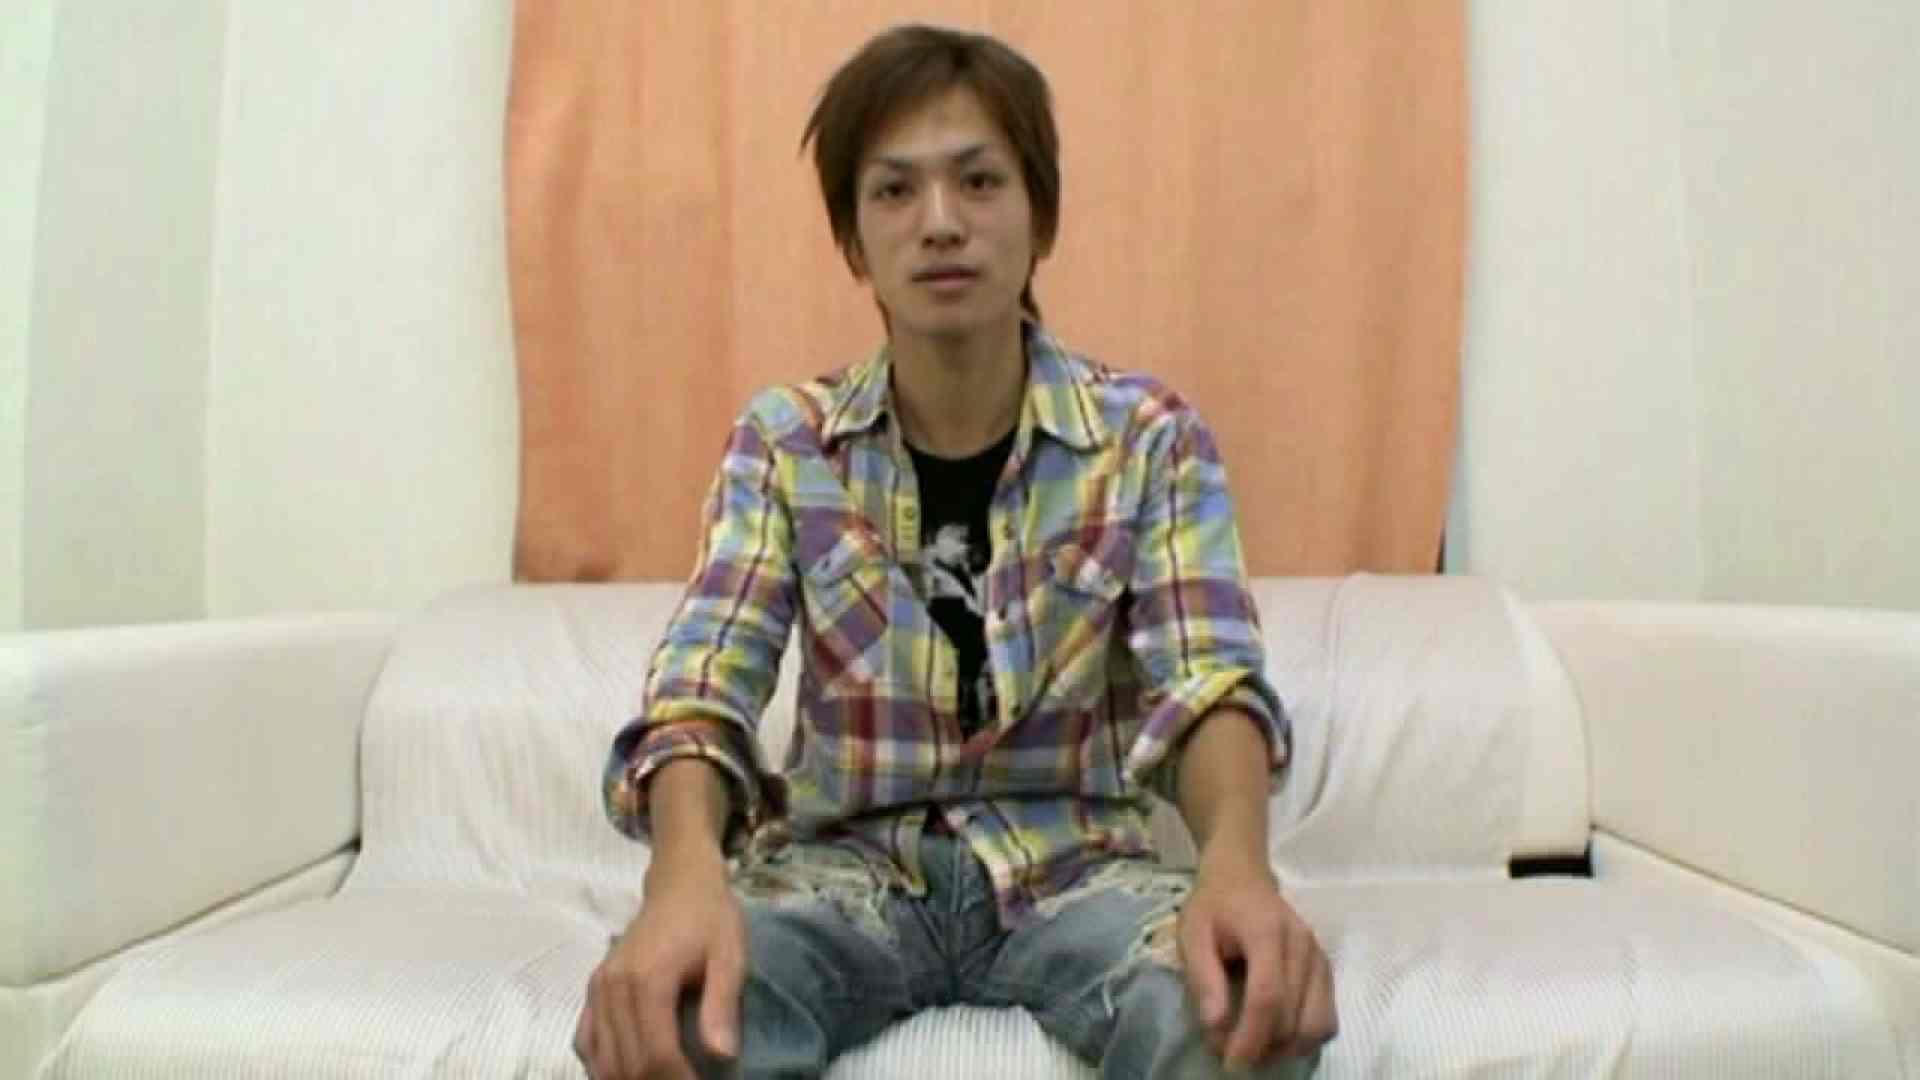 ノンケ!自慰スタジオ No.03 オナニー ゲイAV画像 101pic 35